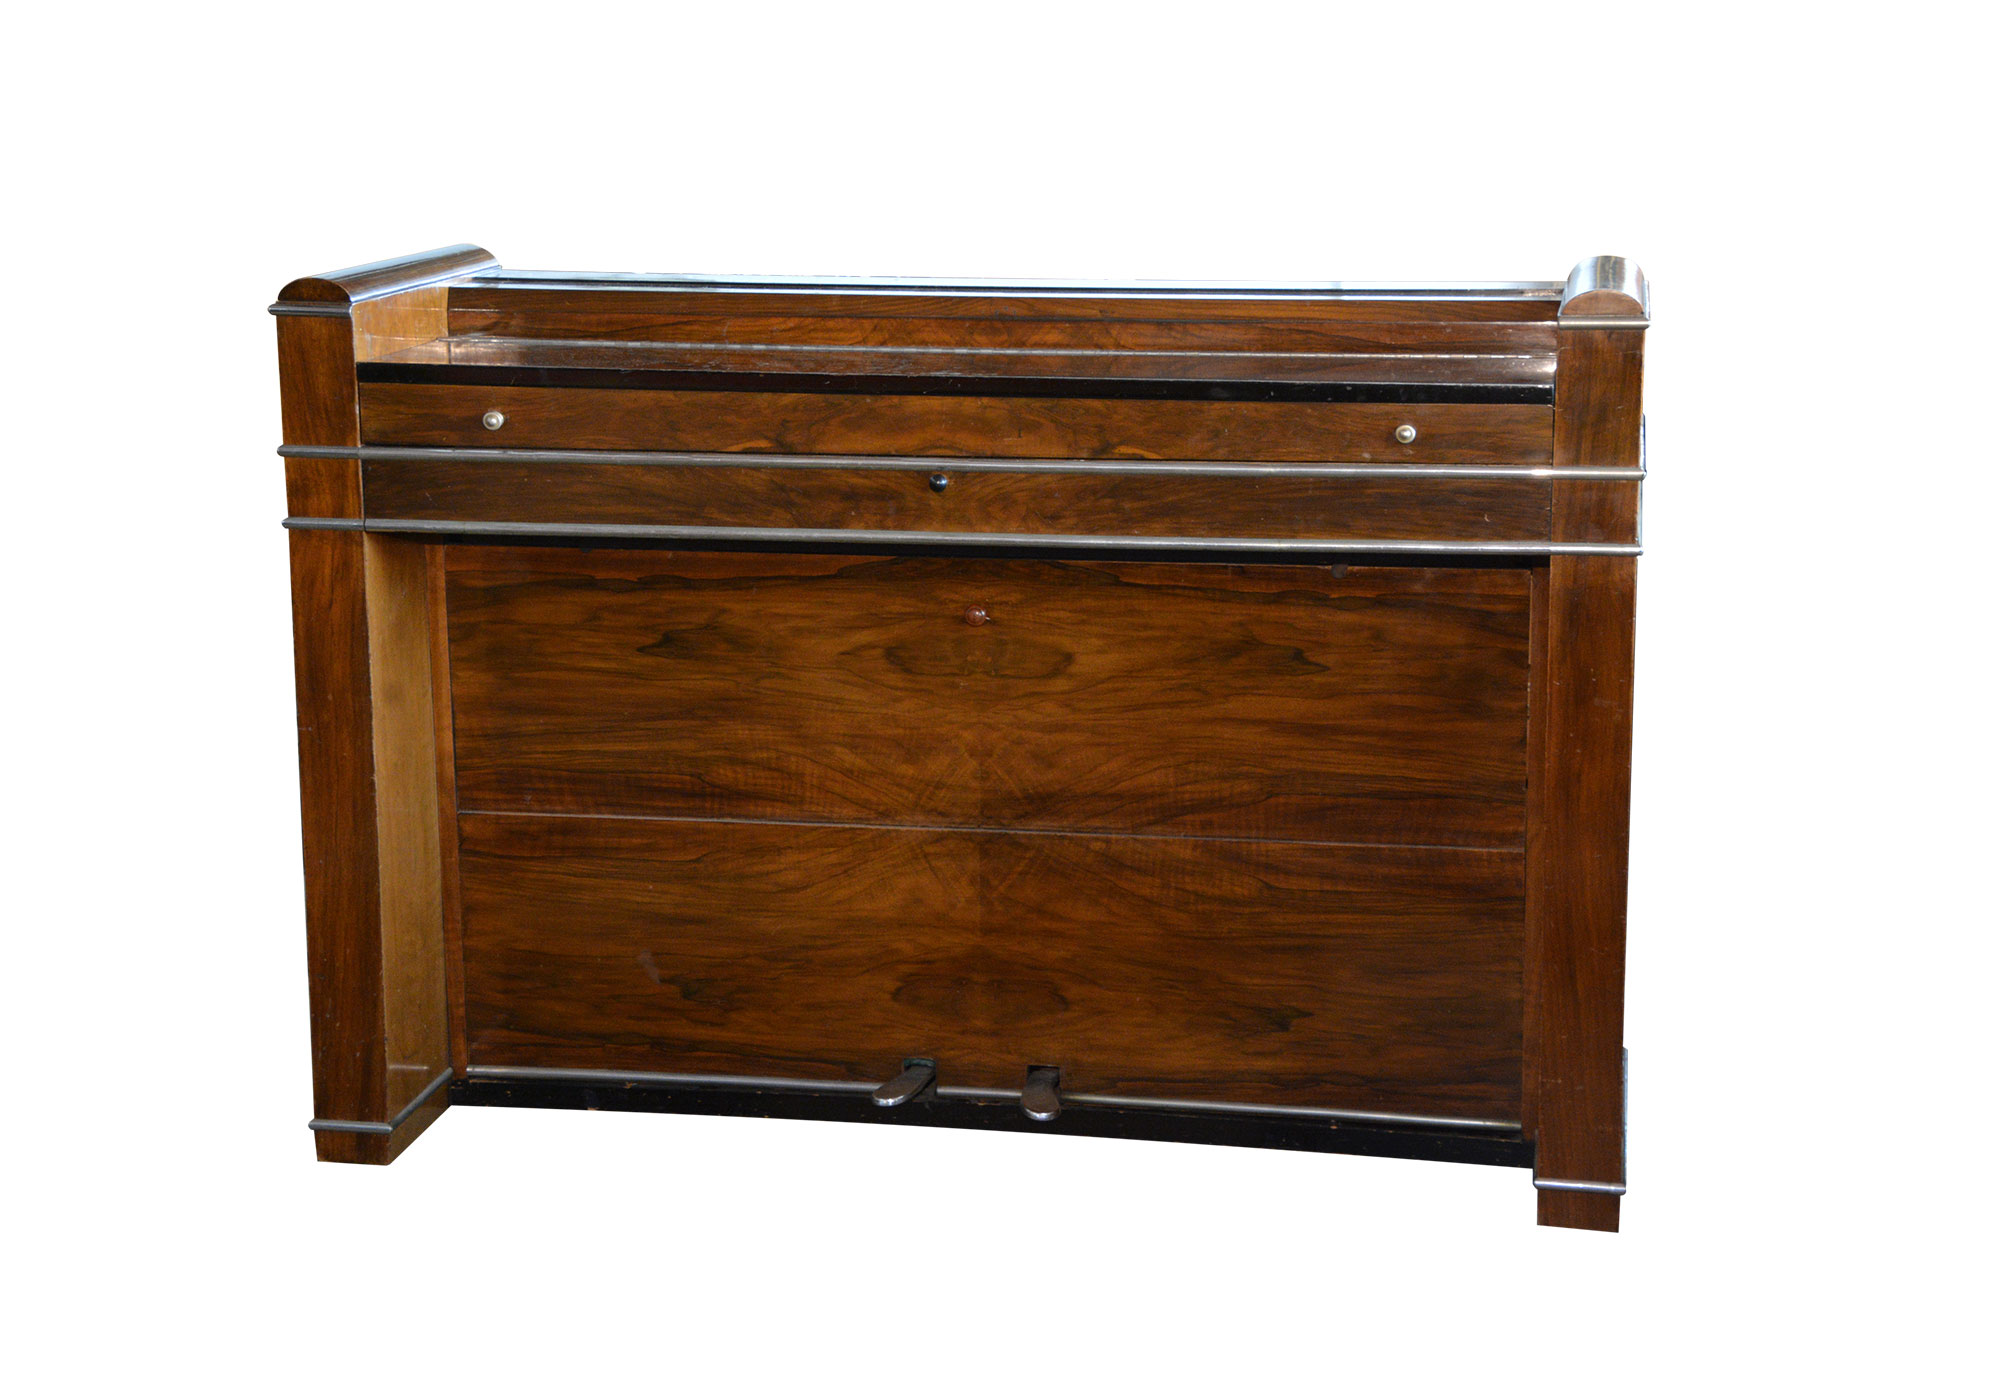 Invicta art deco upright piano ca 1930 period piano company for Piani art deco